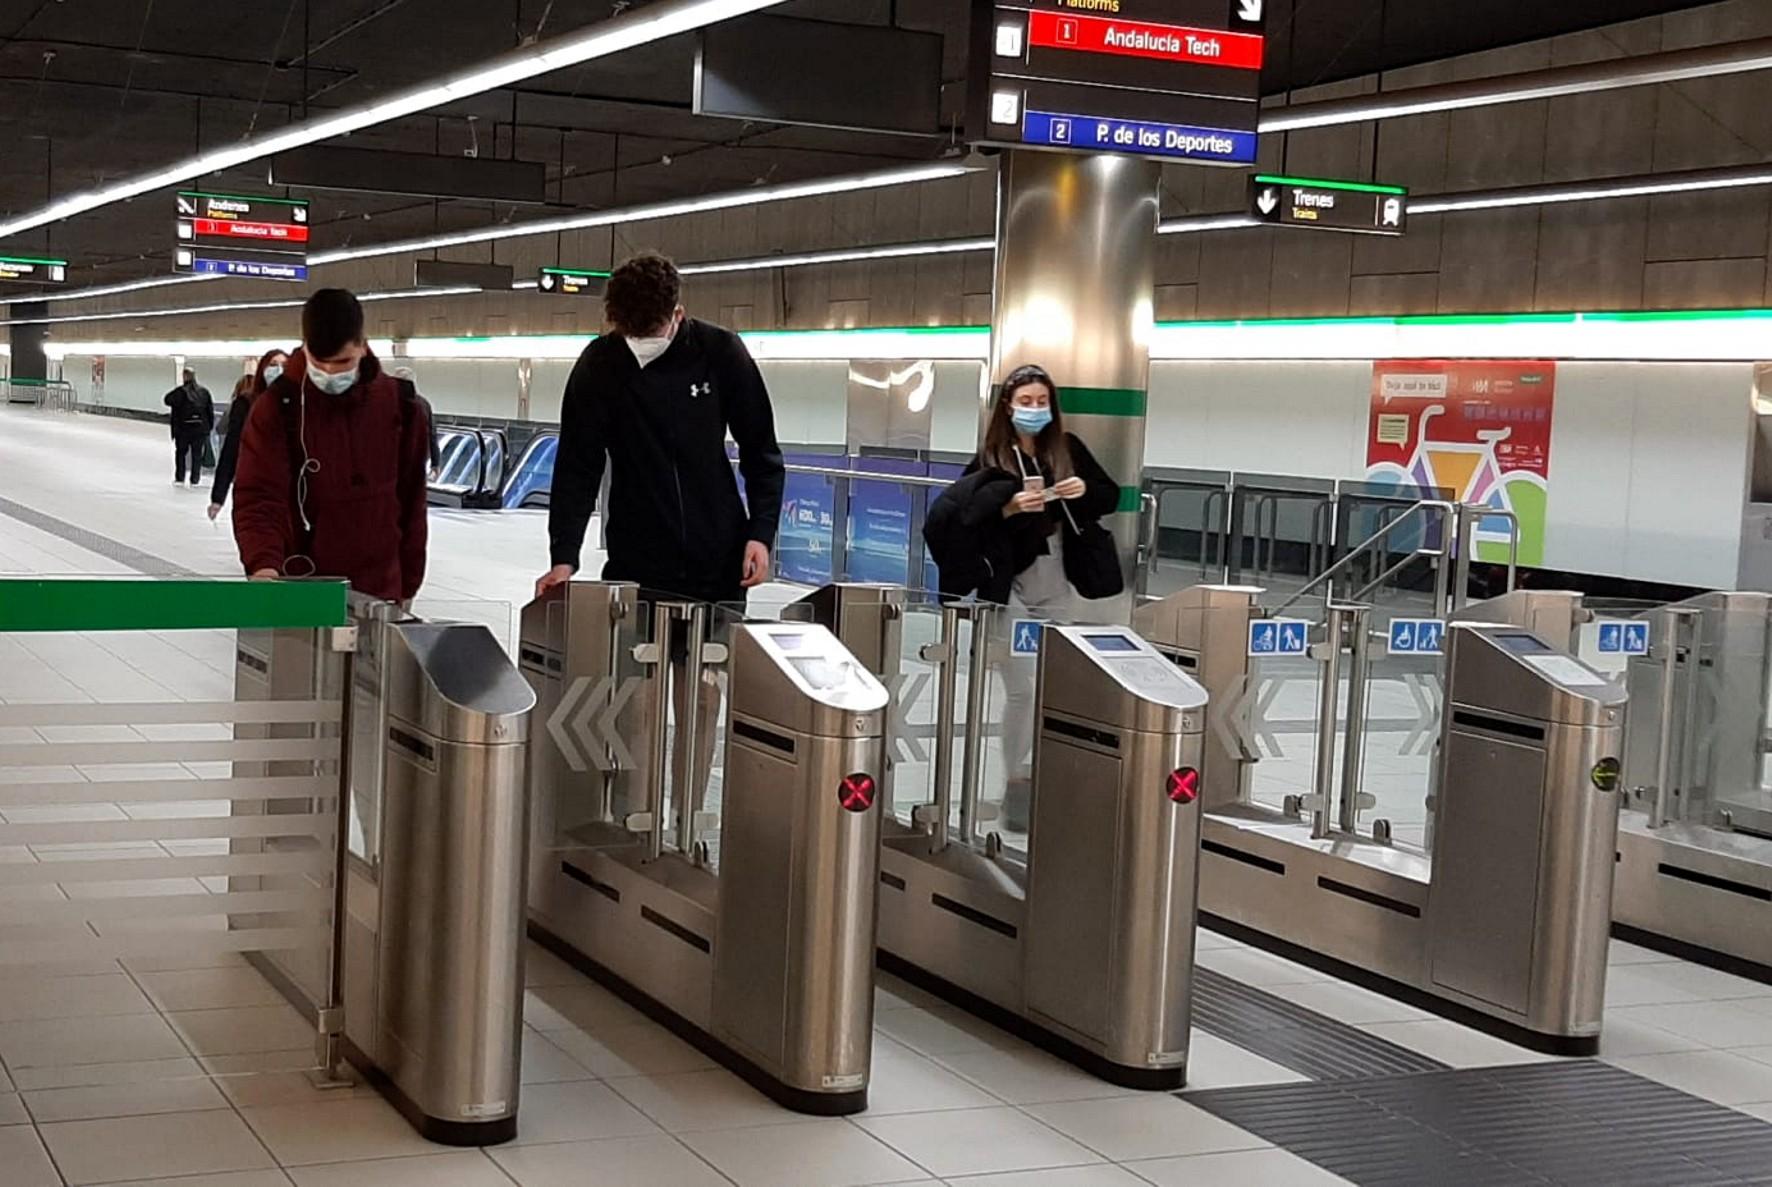 El Metro de Málaga registra el primer alza de viajeros desde el inicio de la pandemia